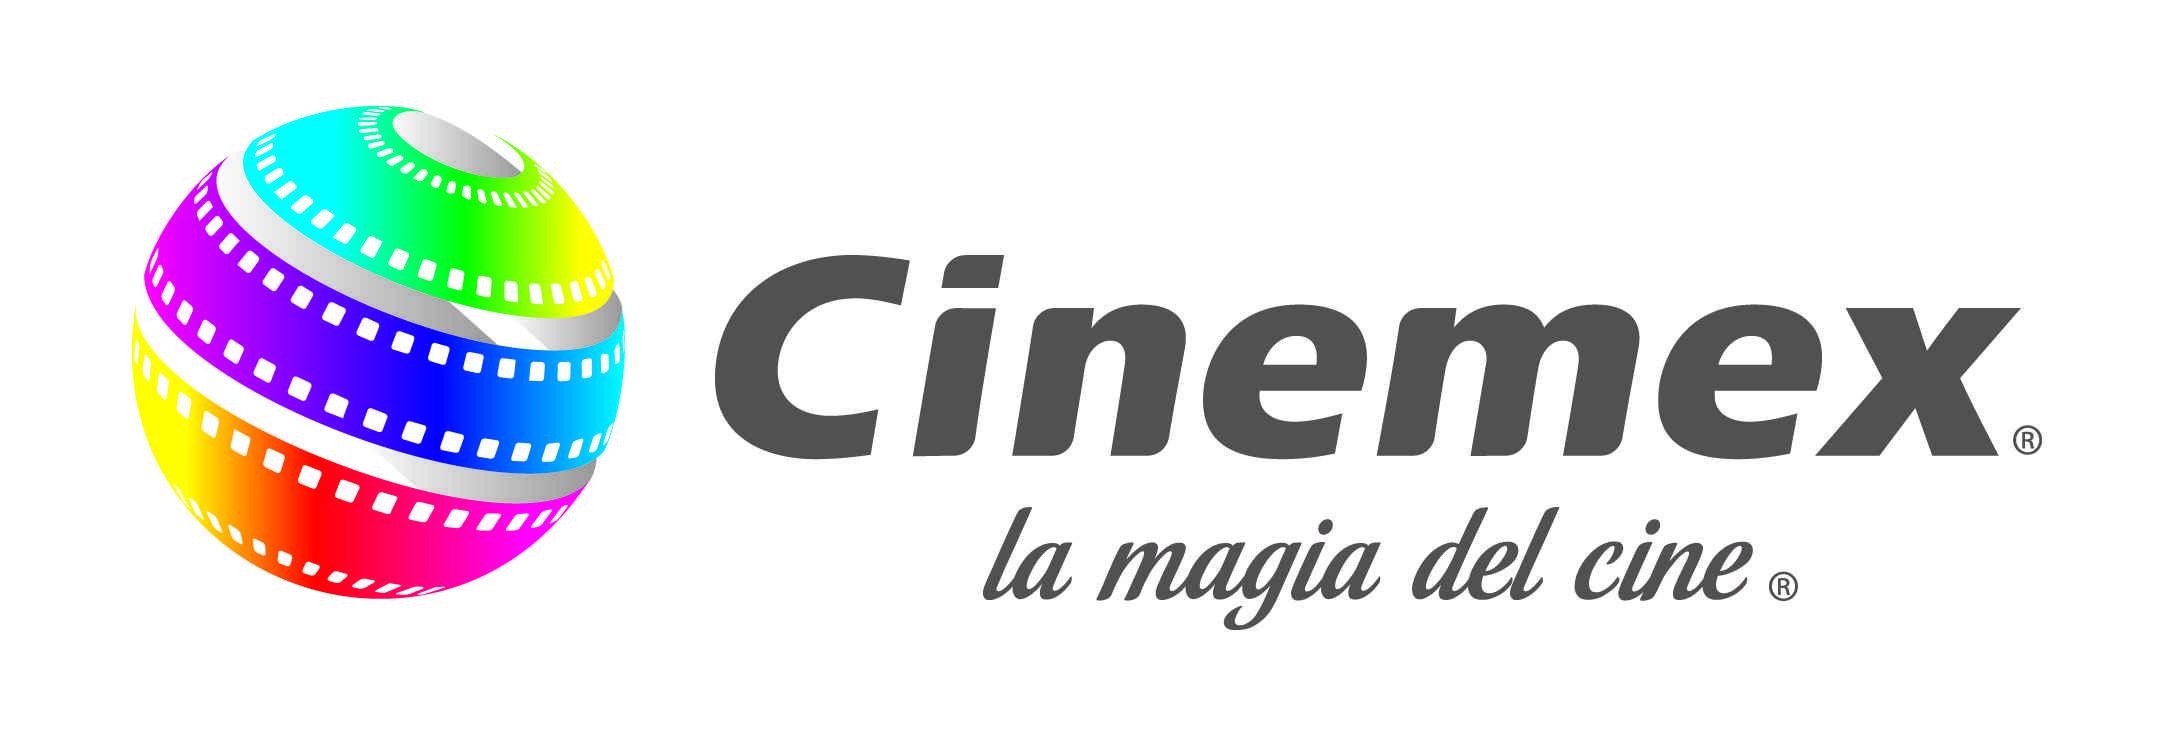 Cupones de descuento Cinemex